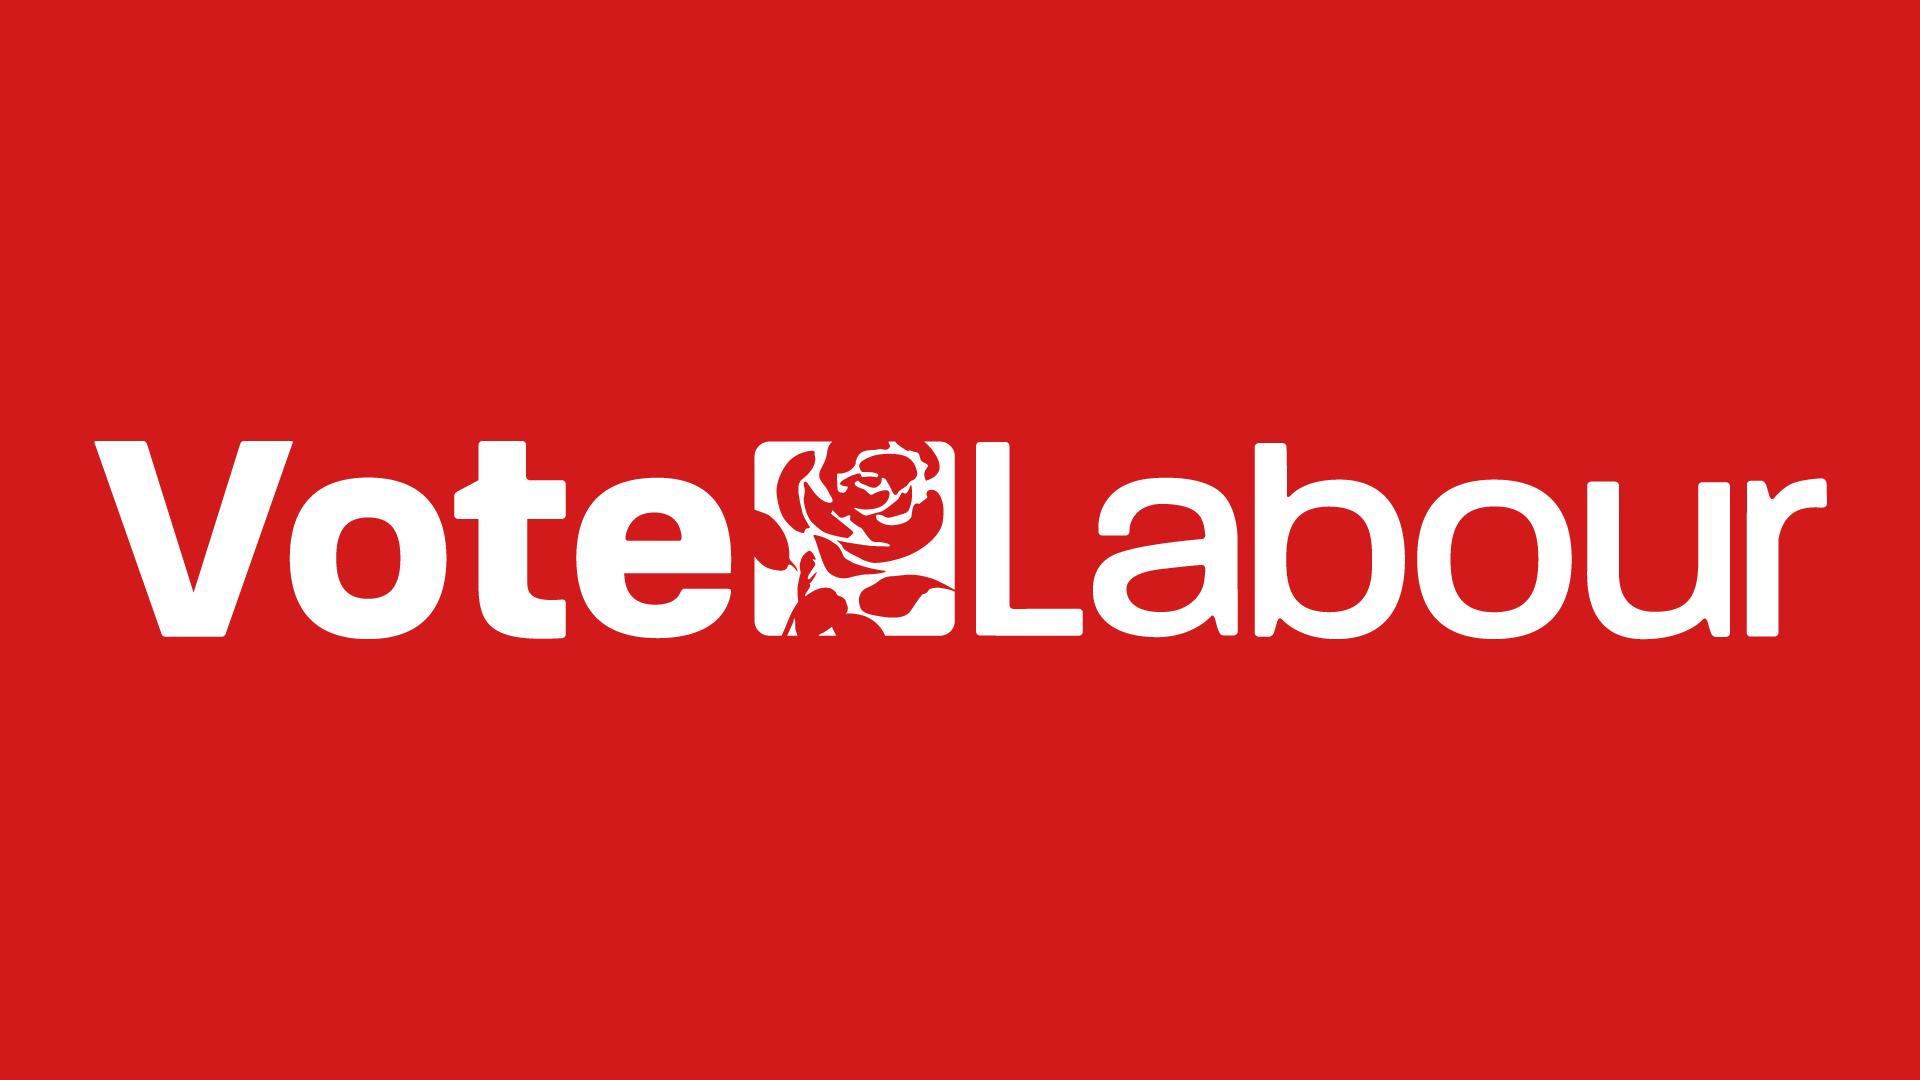 new-vote-labour-desktop.png